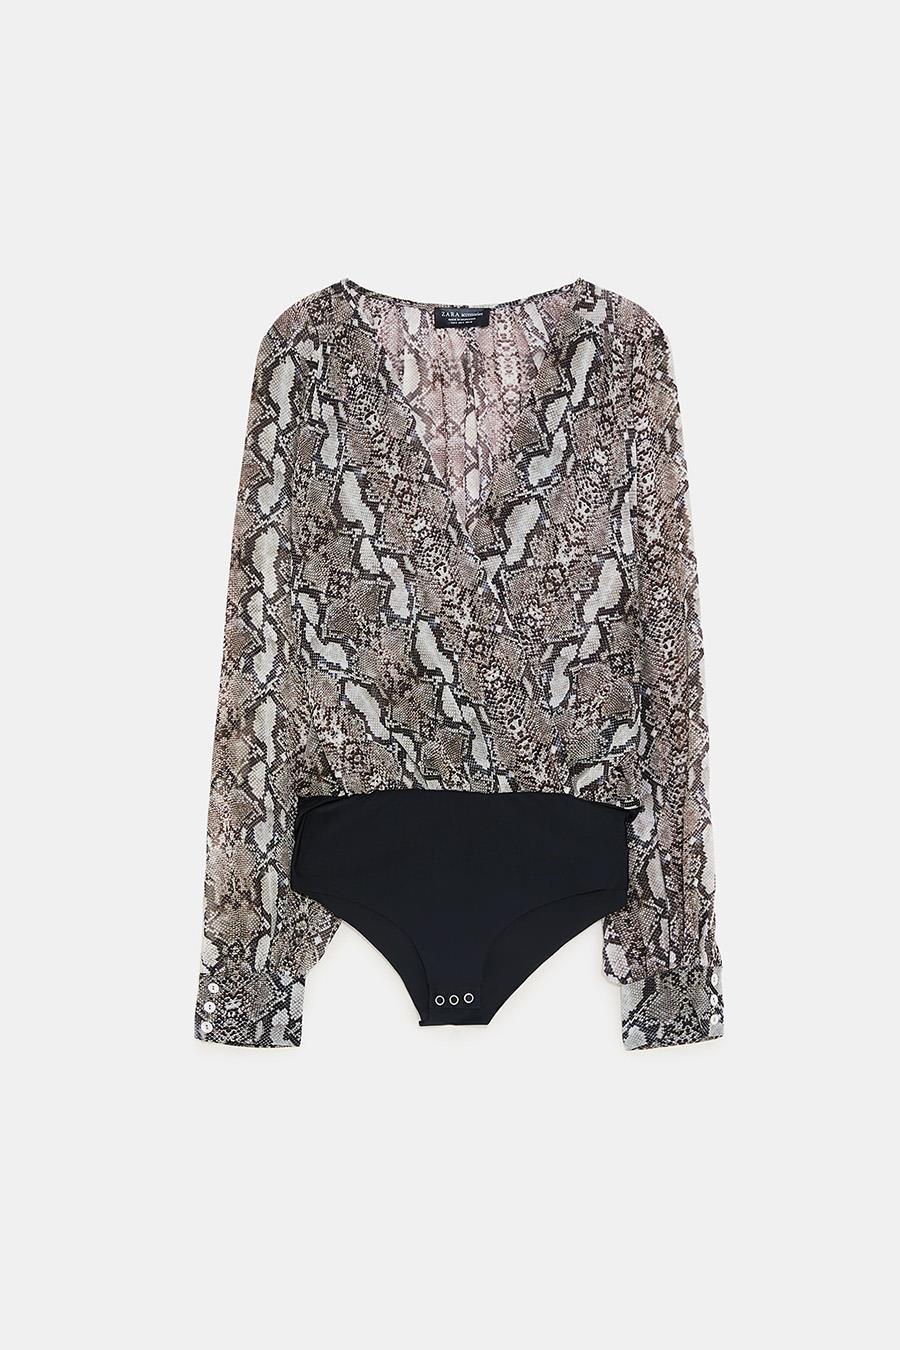 ded164ef6b Zara tiene la prenda perfecta para tus looks de fiesta del otoño-invierno  2018/19: los bodies de mujer son los protagonistas de la nueva colección  del ...